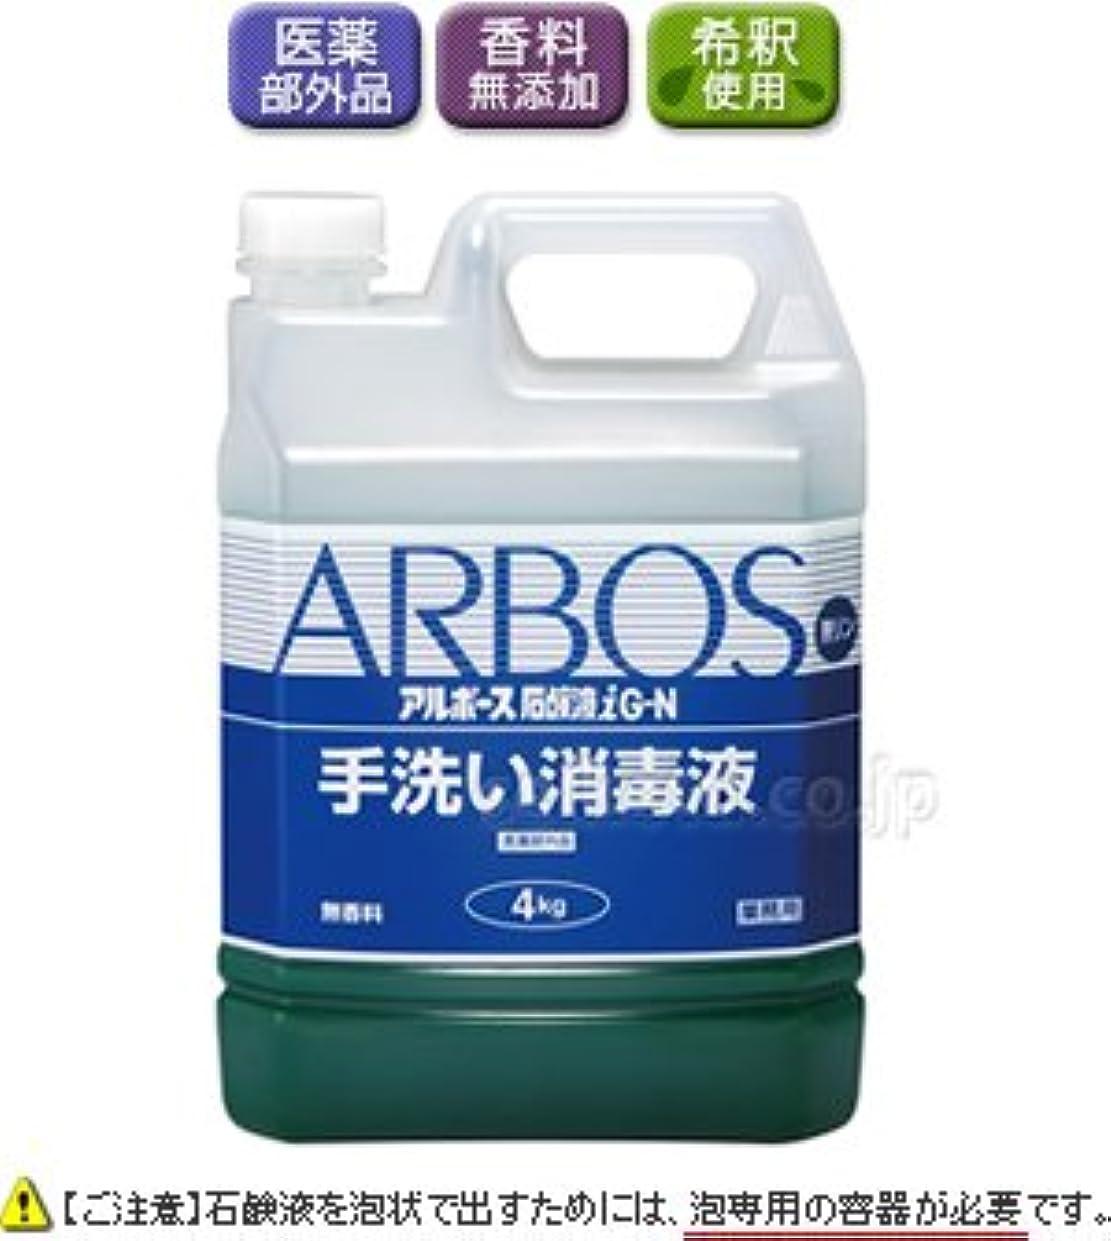 レッドデート拡声器棚【清潔キレイ館】アルボース石鹸液iG-N お得な4kg×4本セット